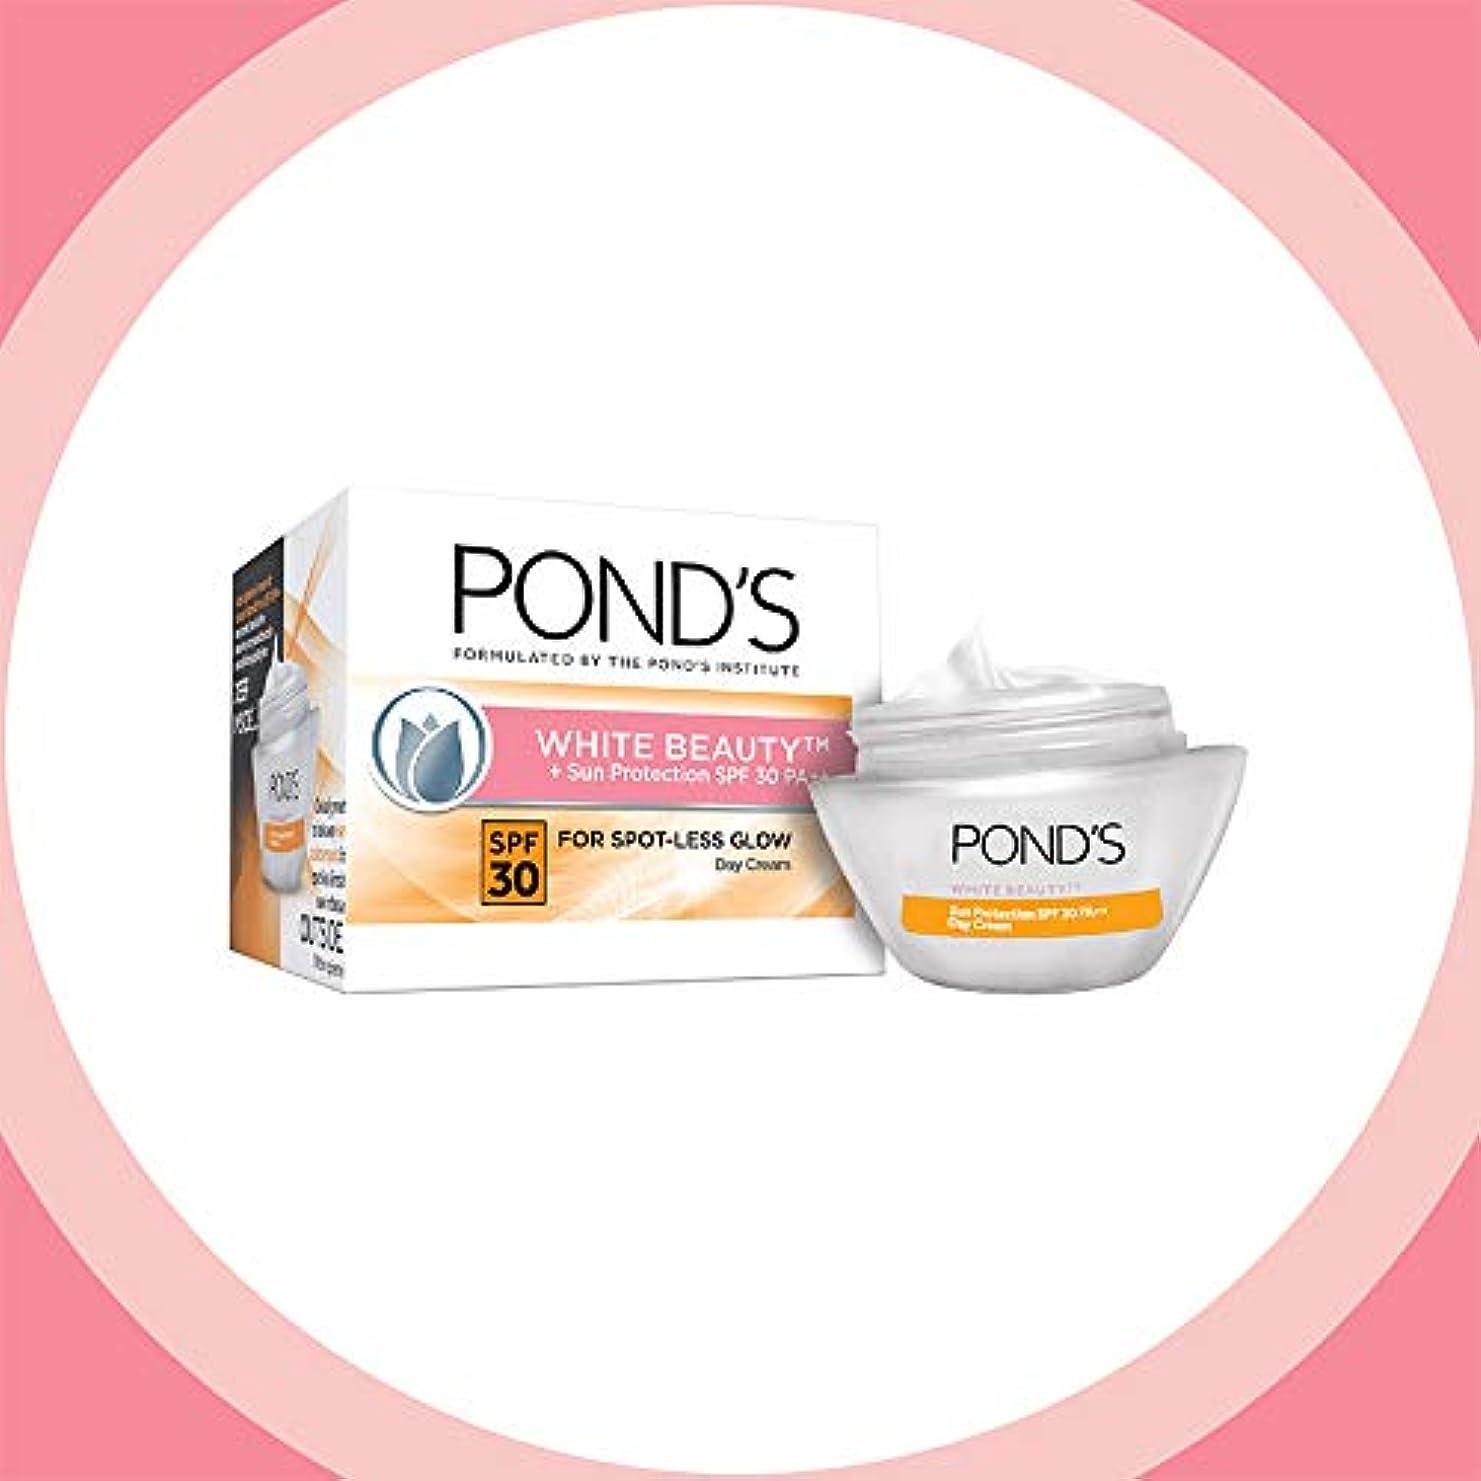 慈悲傷跡ヘアPOND'S White Beauty Sun Protection SPF 30 Day Cream, 35 gms (並行インポート) India